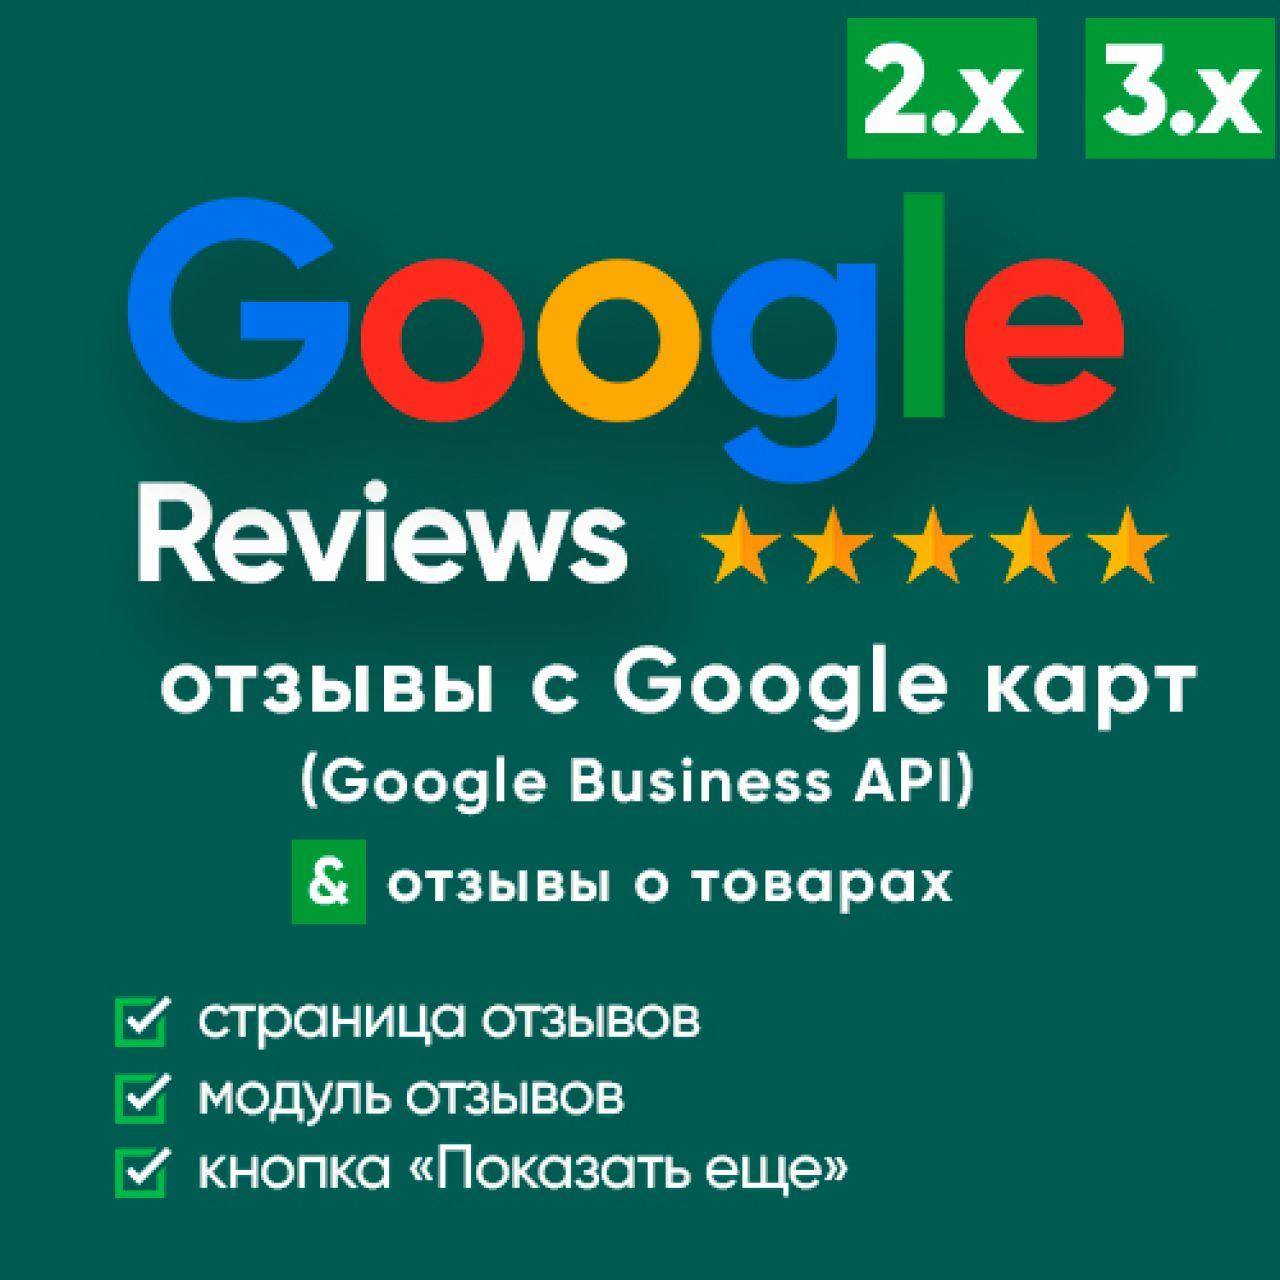 Google Reviews - отзывы с гугл карт (Google Business) + отзывы о товарах из категории Прочие для CMS OpenCart (ОпенКарт)